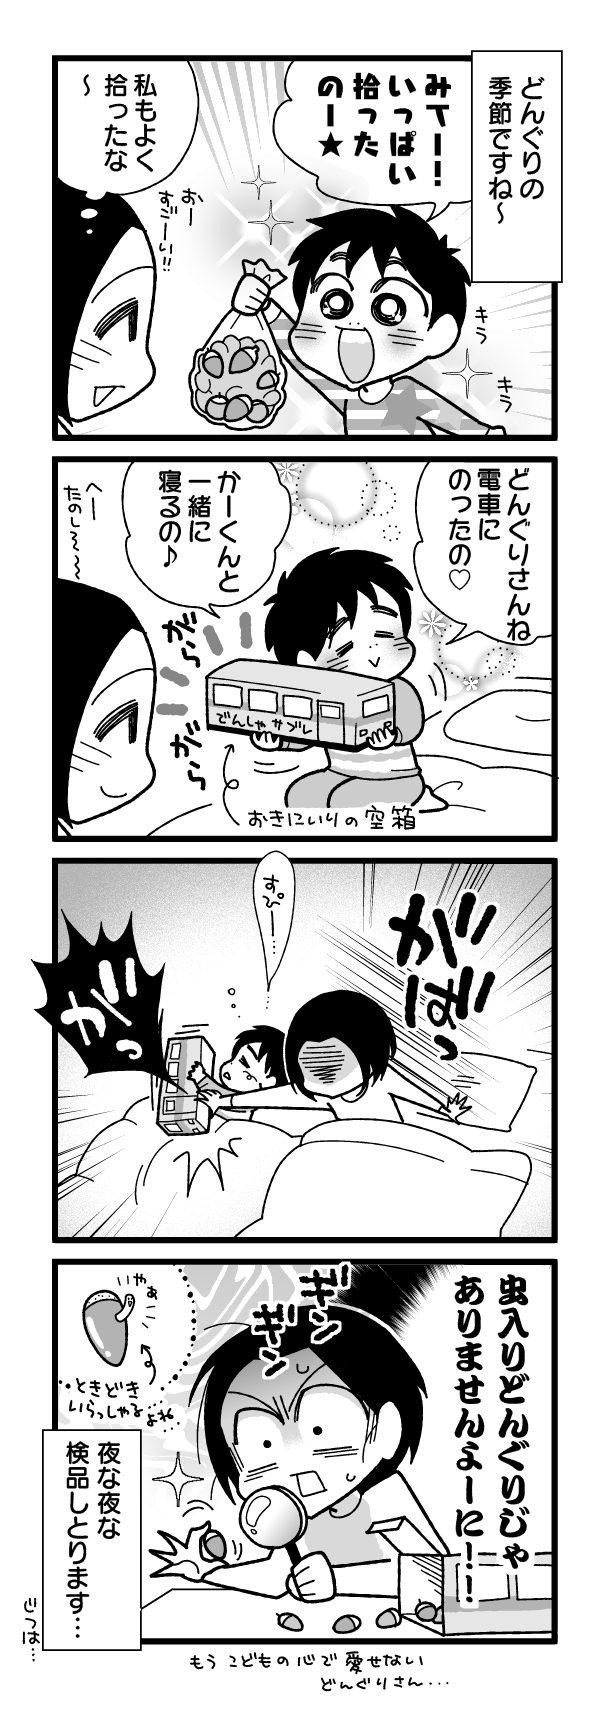 漫画『怒涛のにゅーじヨージ』Vol.179「大好きどんぐりさん」 1コマ目